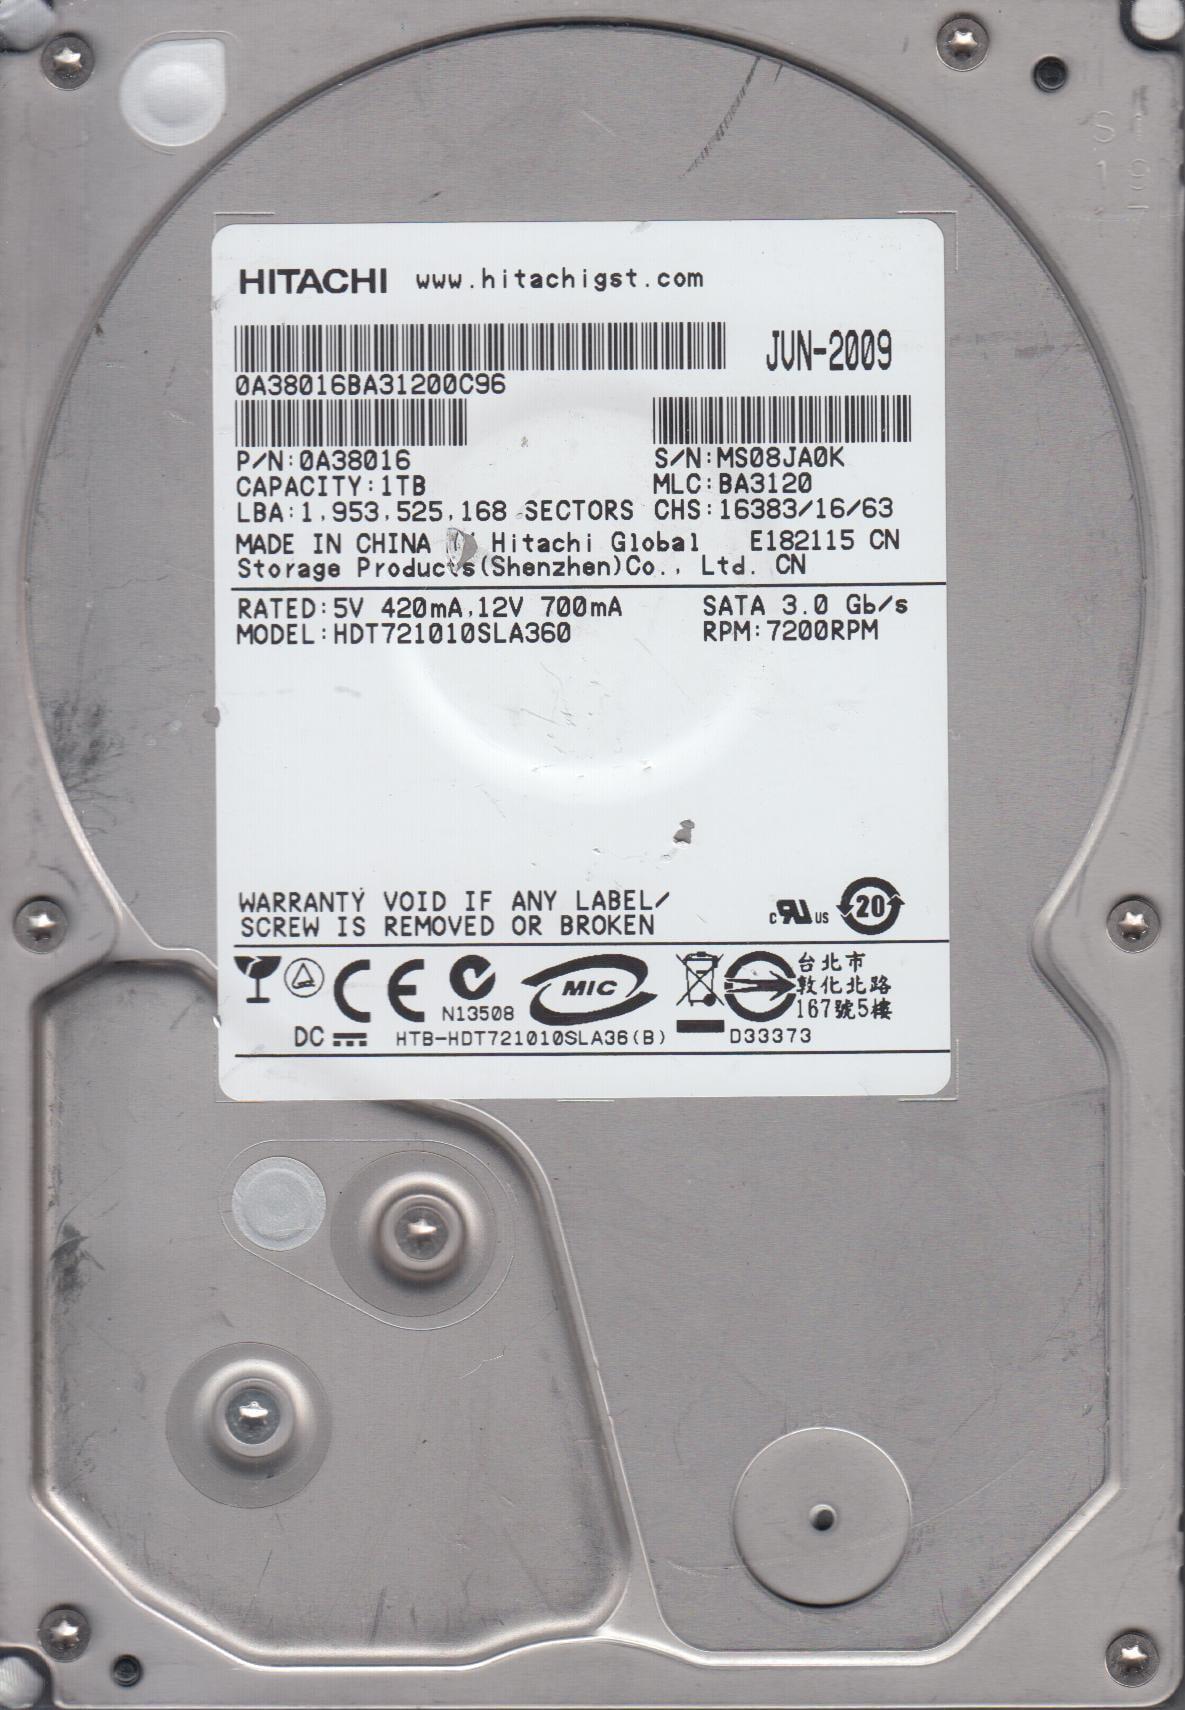 0A29987 BA3129/_ HDT721010SLA360 PN 0A38016 Hitachi 1TB SATA 3.5 PCB